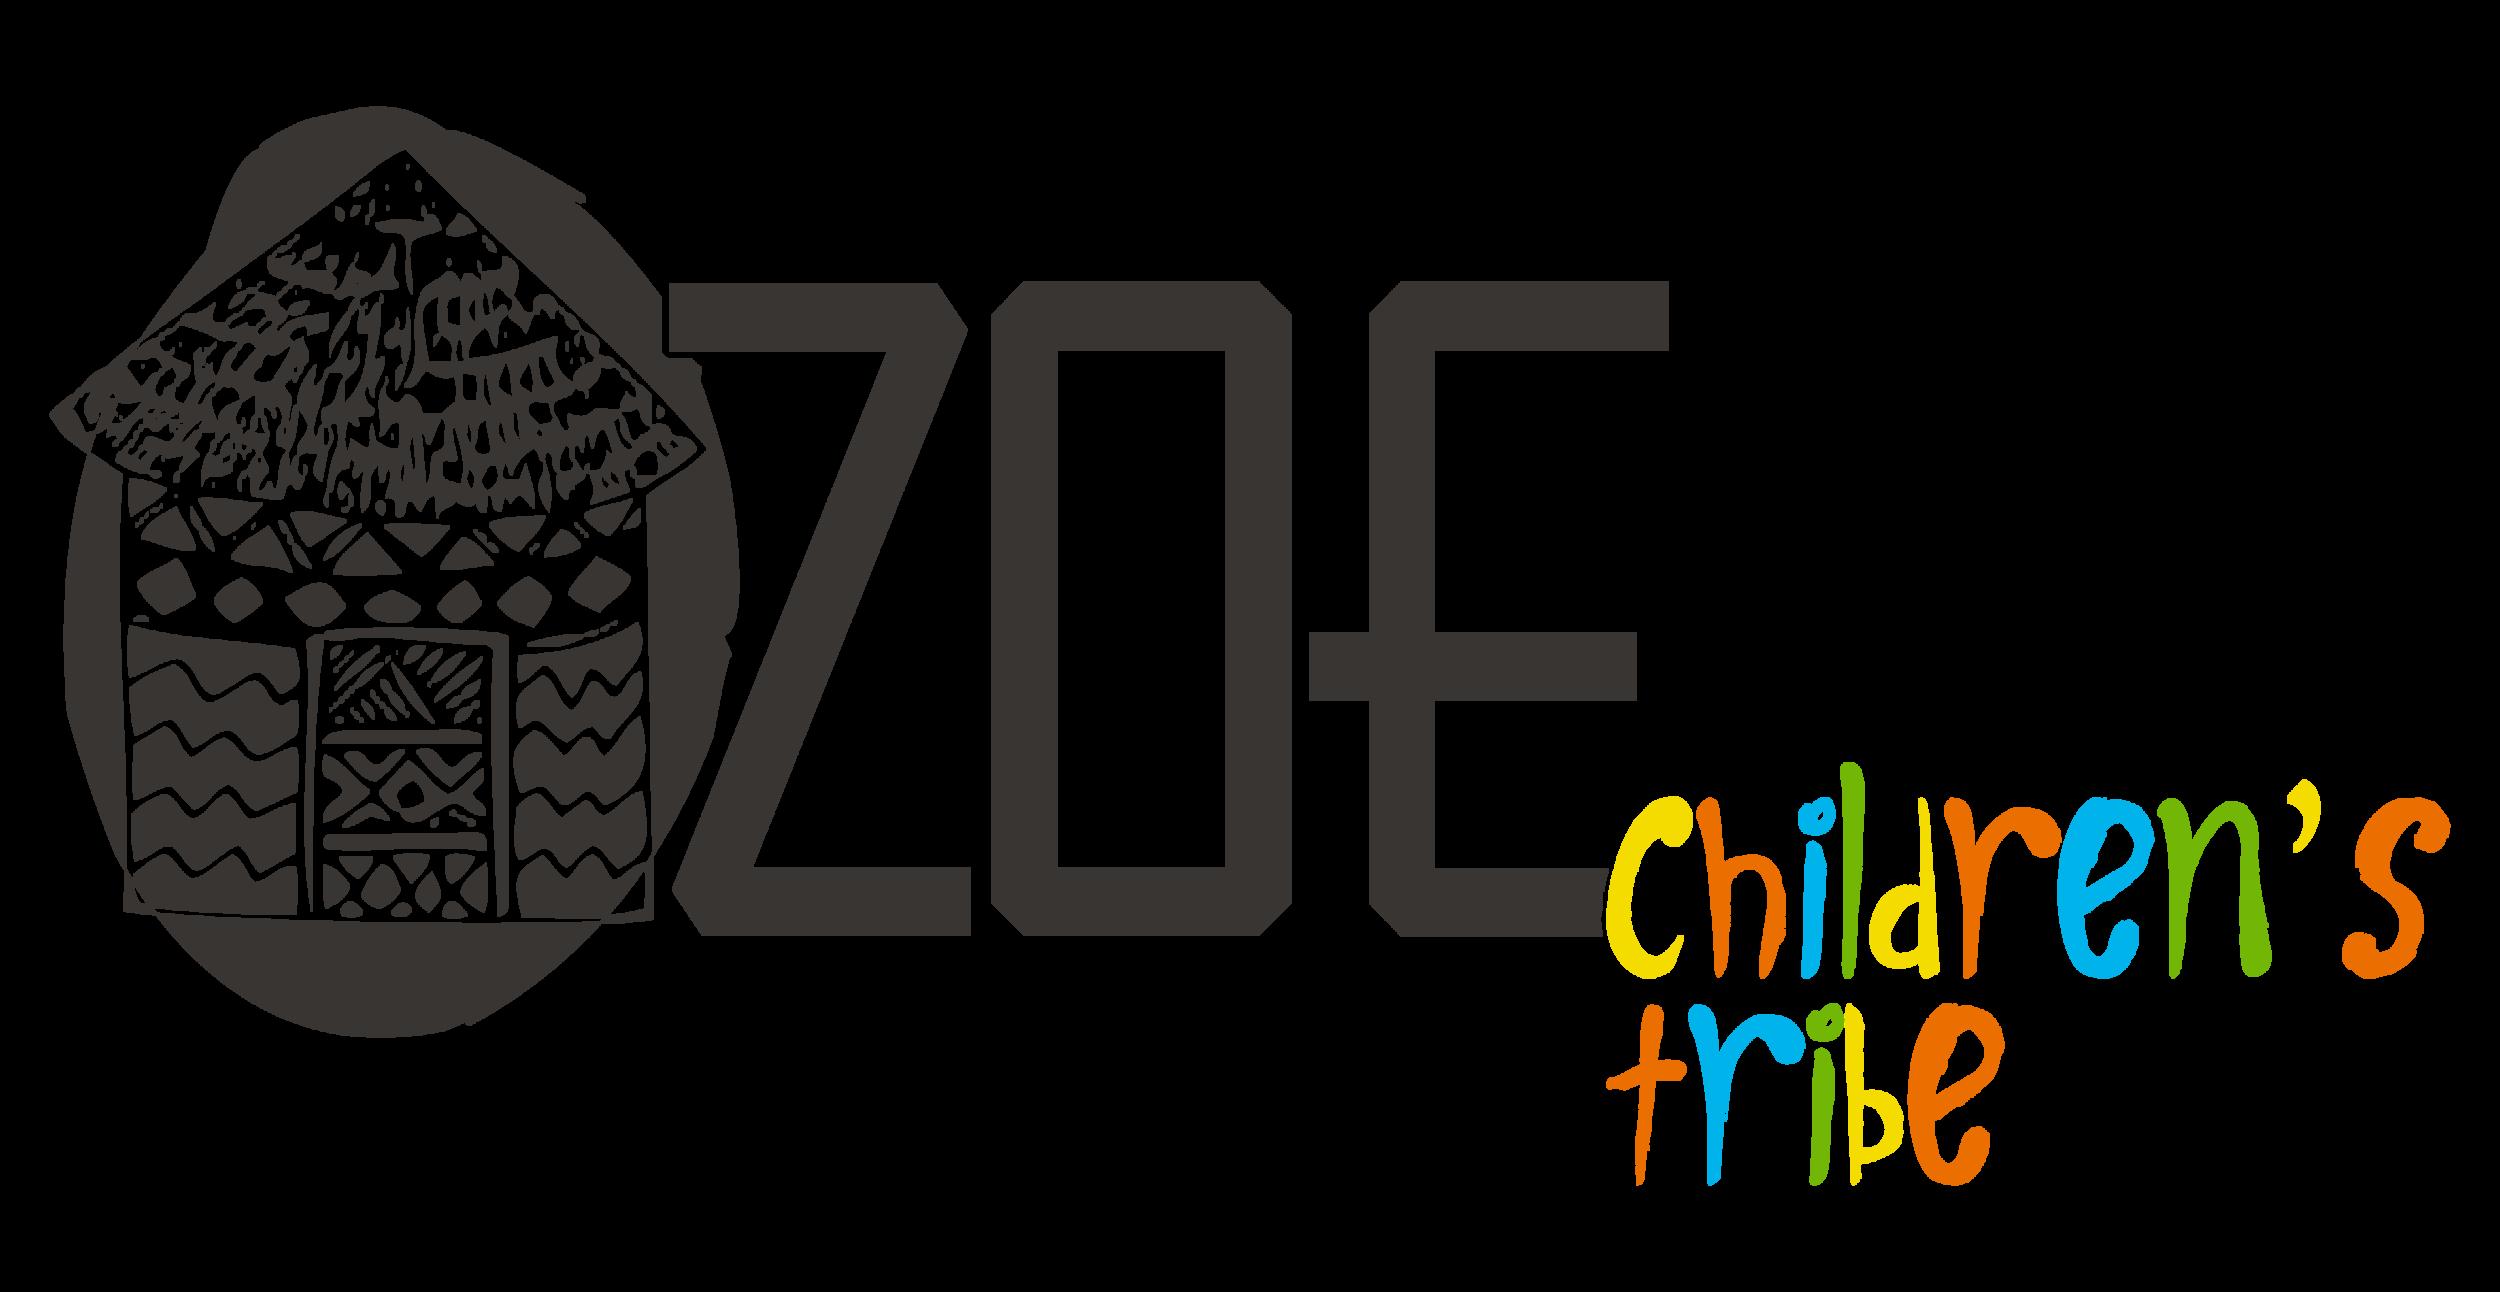 ZoeLogoFinals-01-300dpi.png